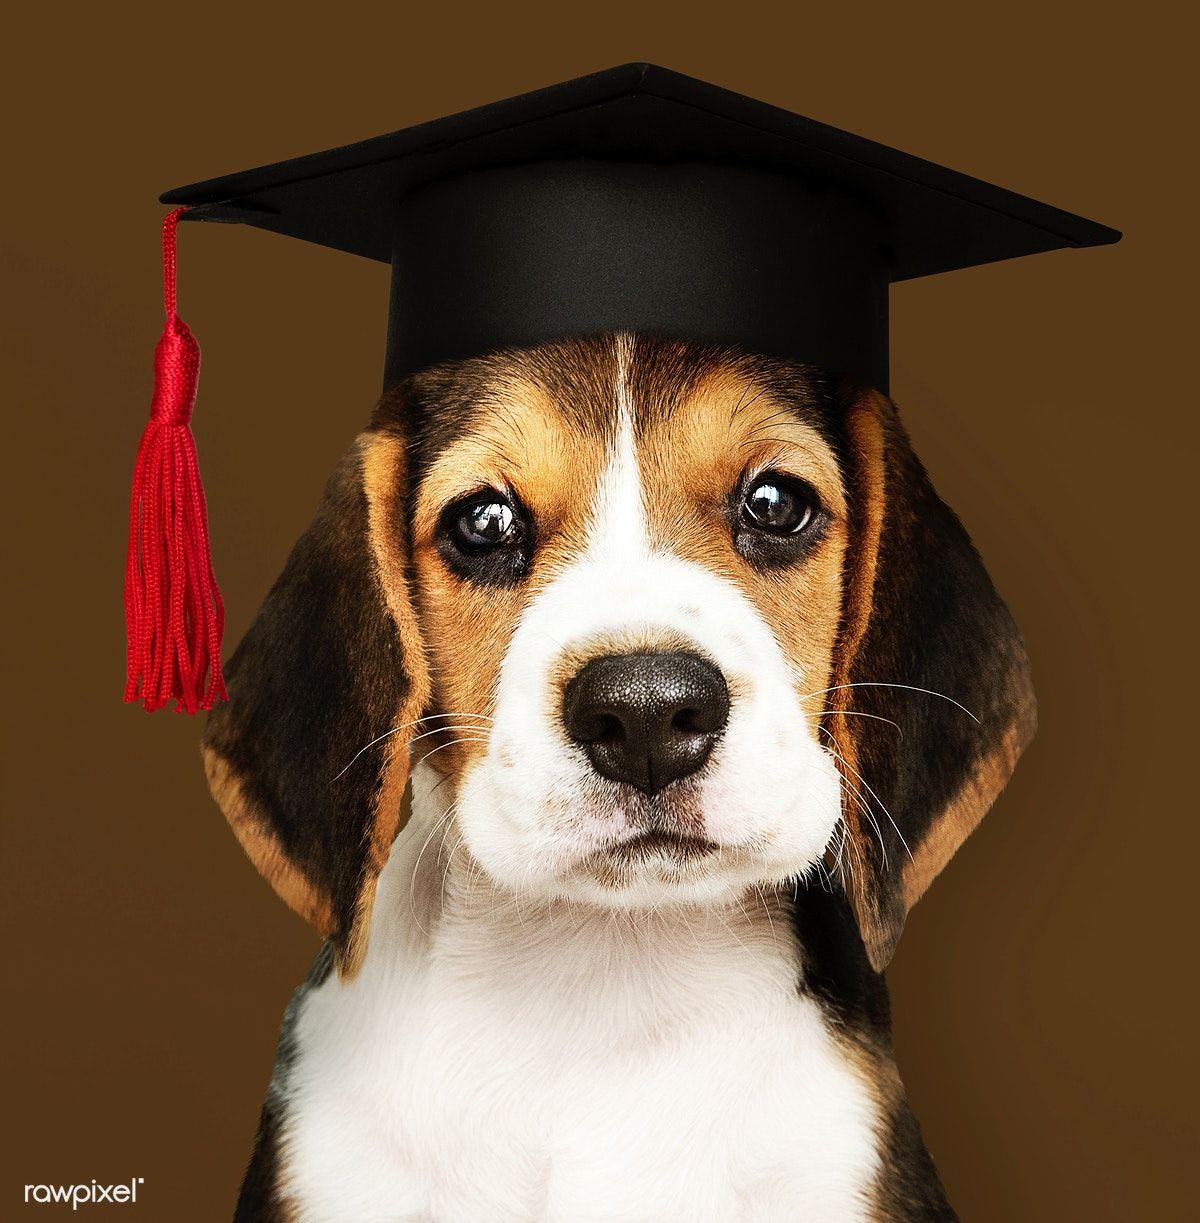 Download Premium Photo Of Cute Beagle Puppy In A Graduation Cap